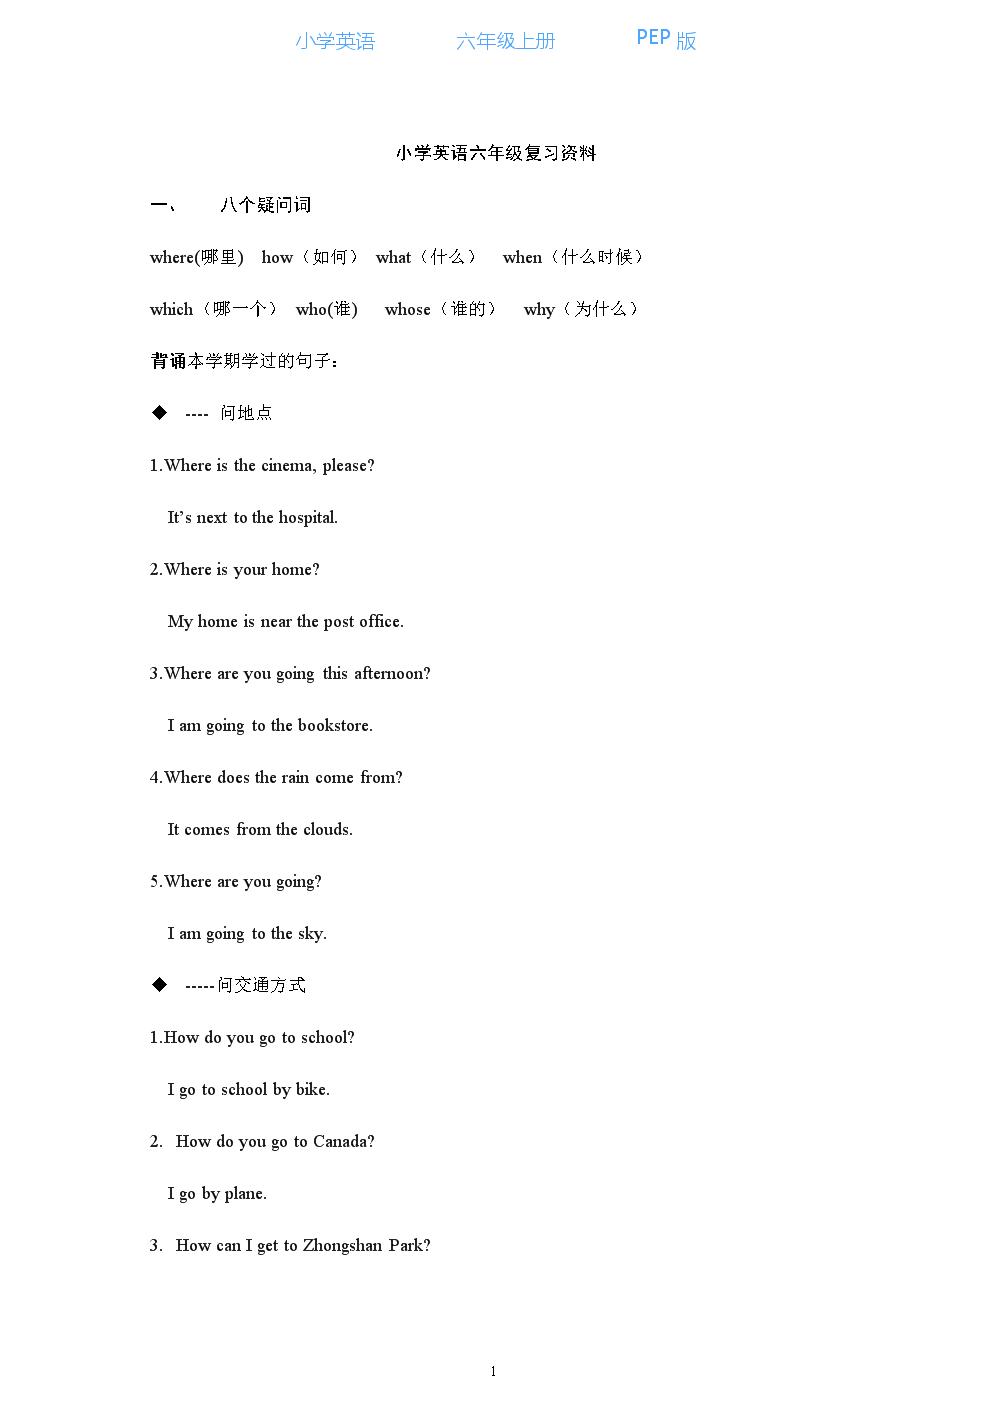 人教PEP版小学英语六年级上册六年级上册复习资料(词汇+句型).docx